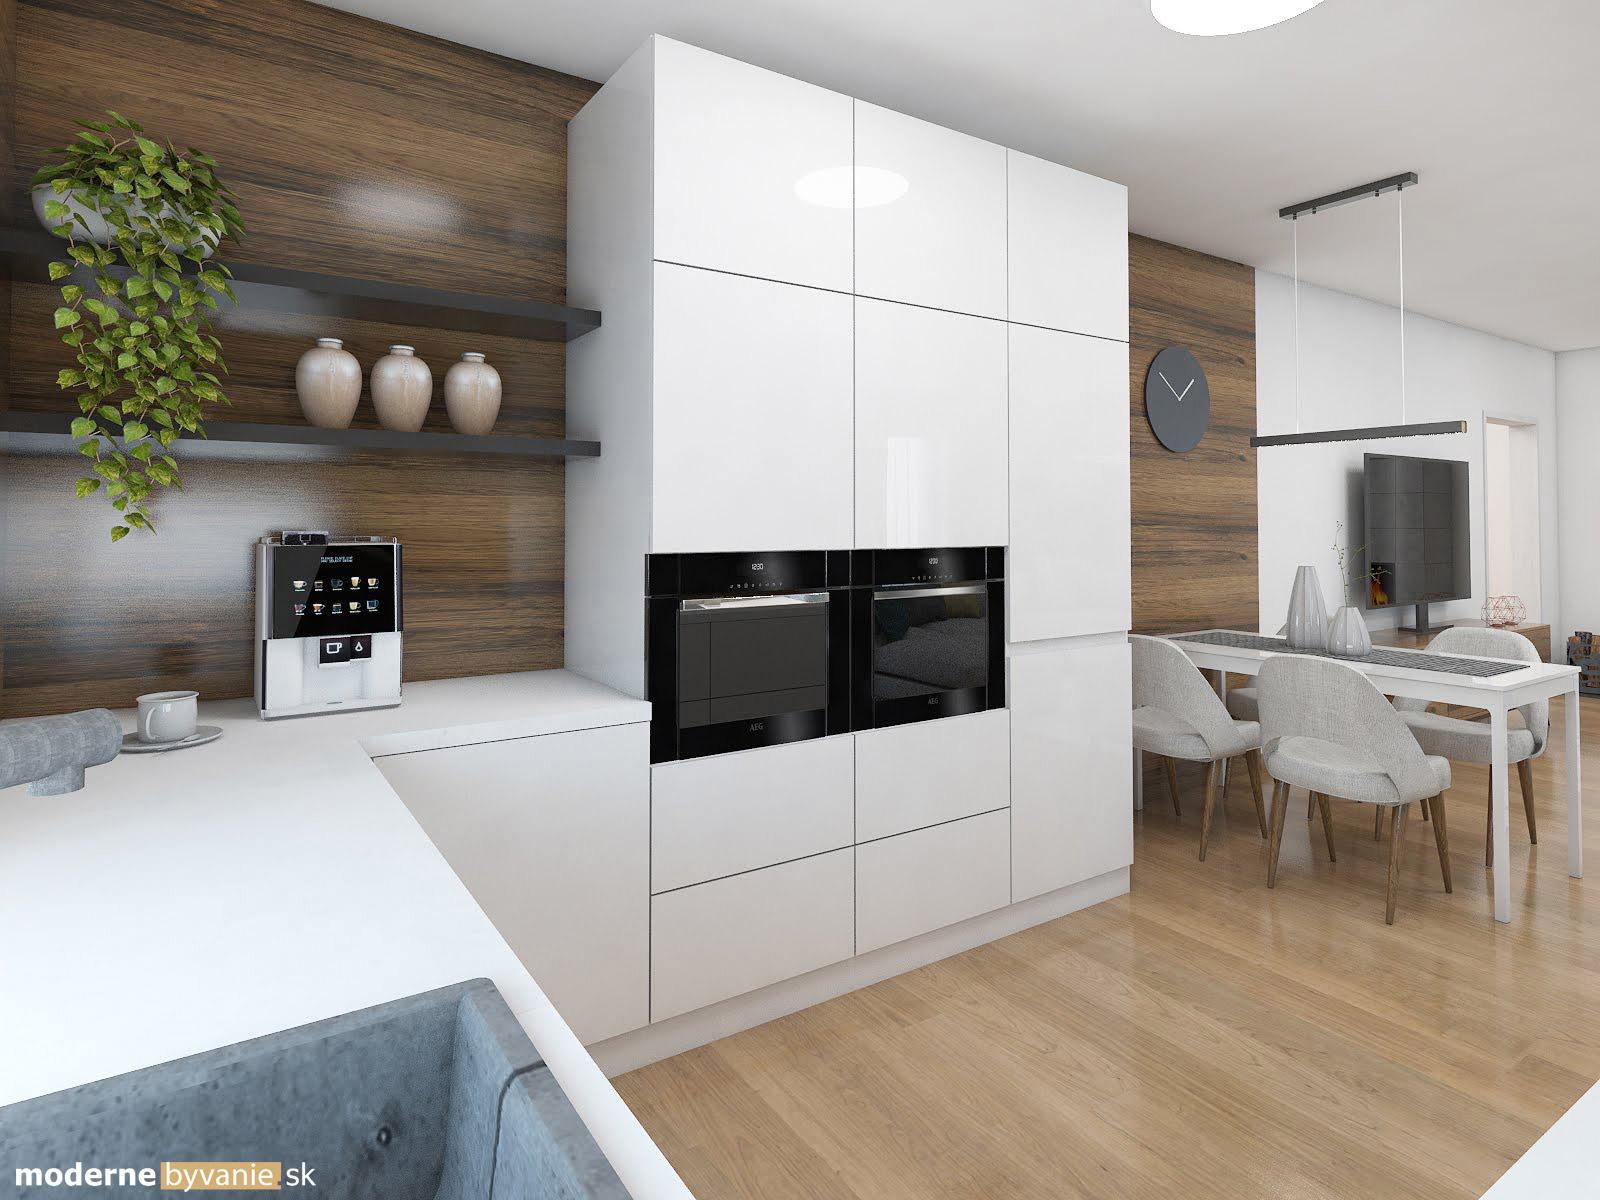 Návrh interiéru - Kuchyňa - Elegantný nadčasový interiér